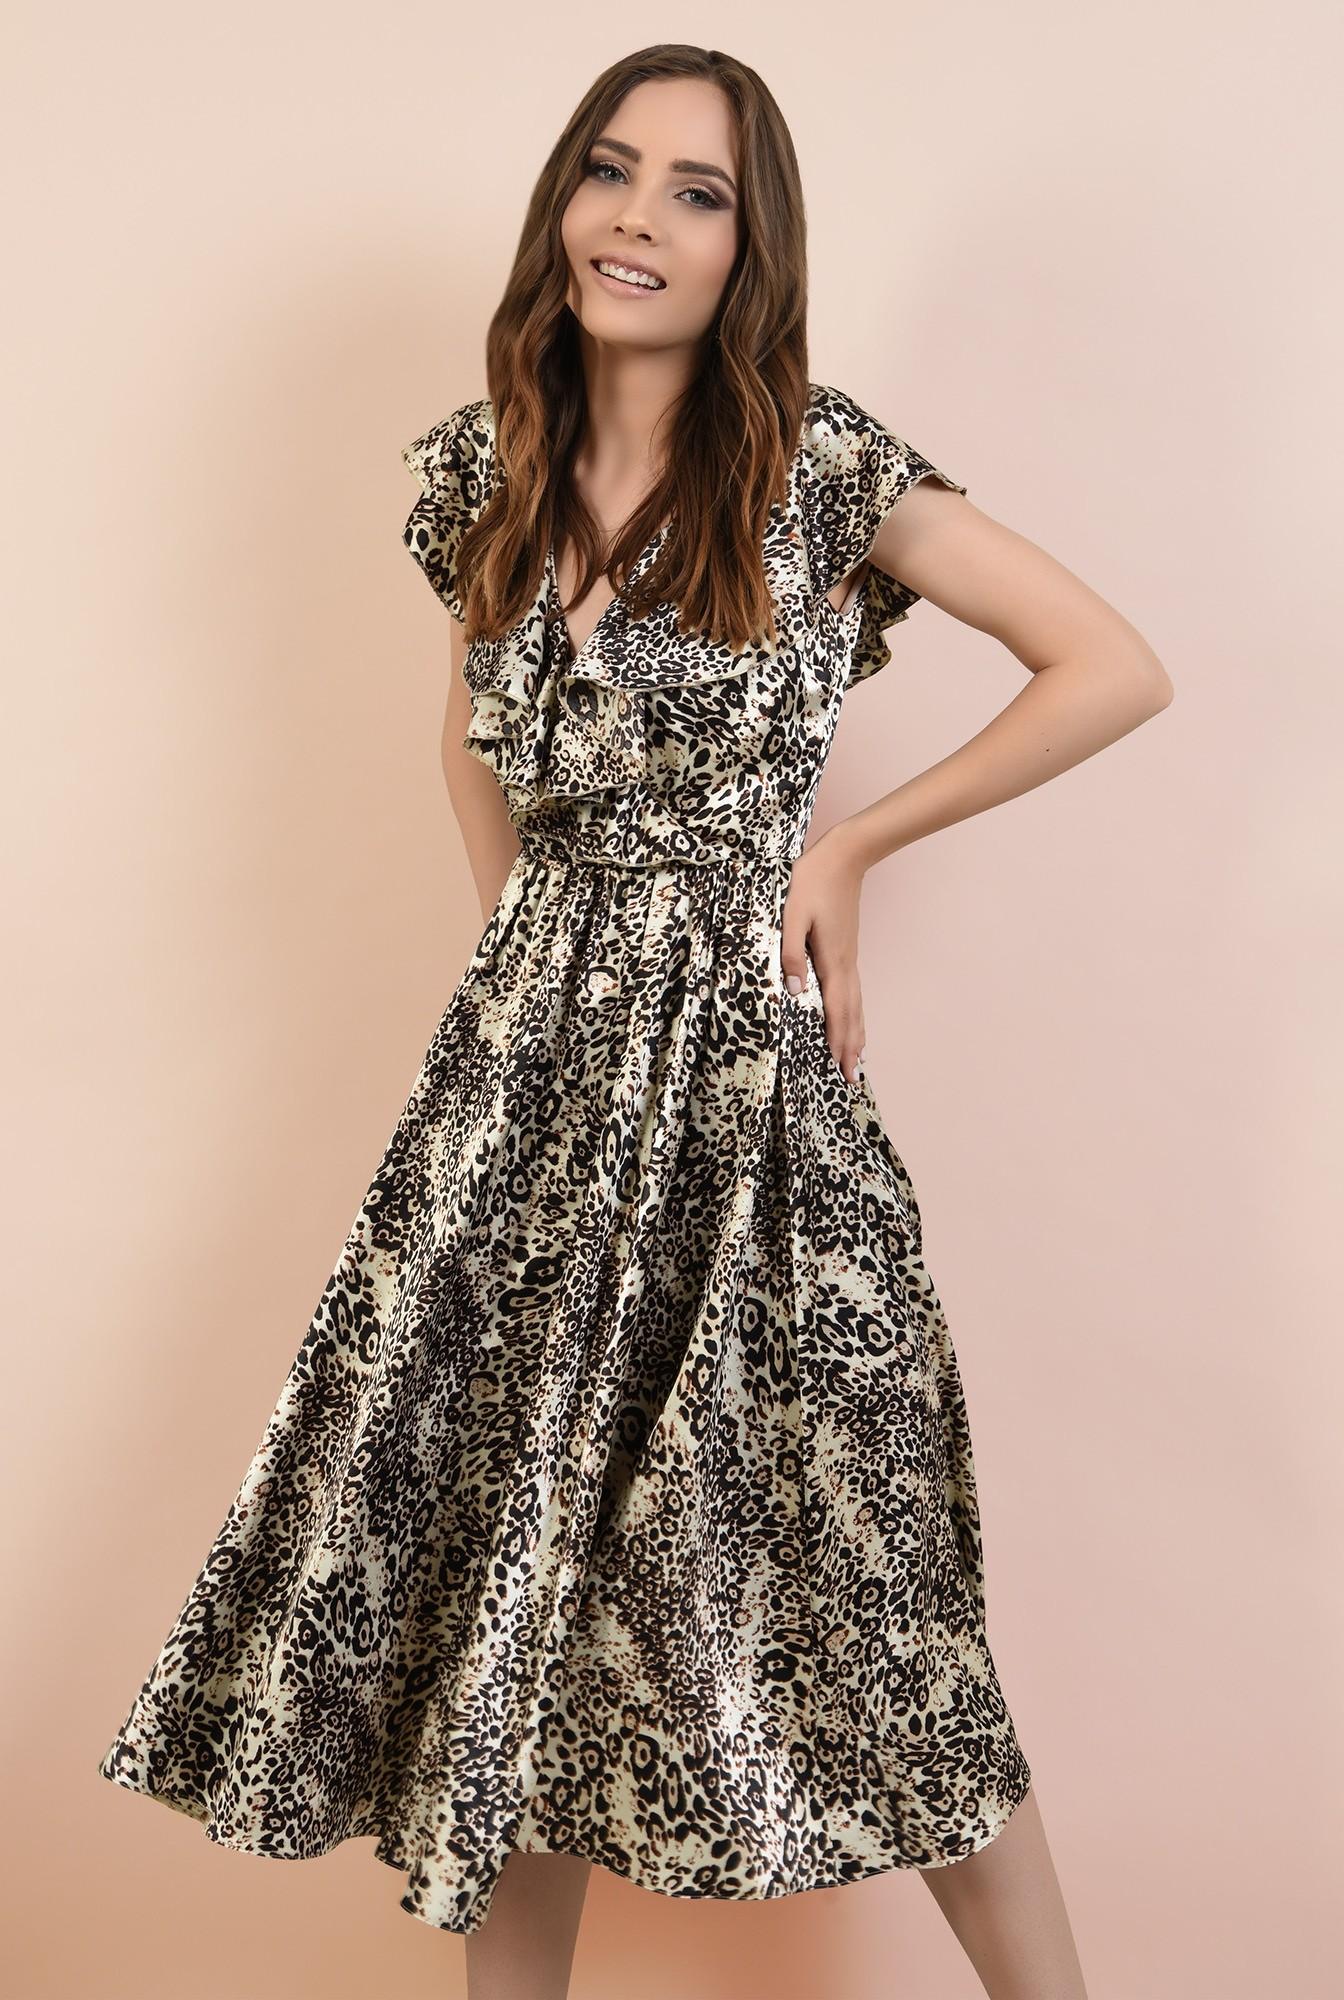 0 - rochie eleganta, din satin imprimat, cu volane, croi clos